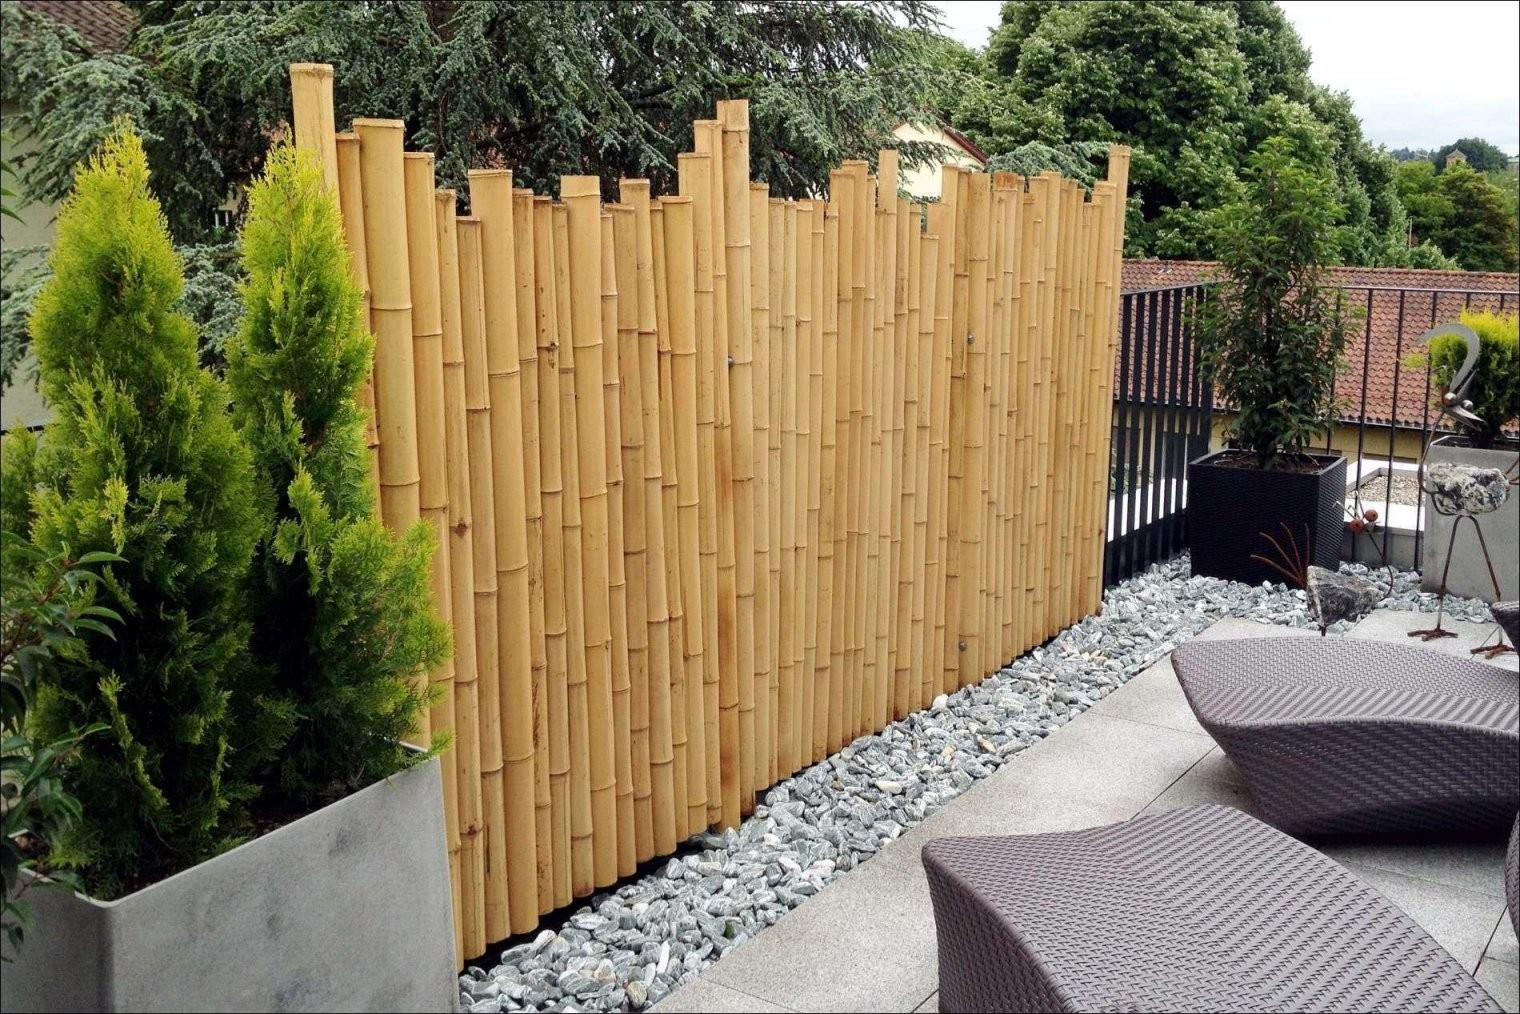 Blumenkasten Aus Holz Selber Bauen Bildnis Gartenmobel Massivholz von Blumenkasten Holz Selber Bauen Photo